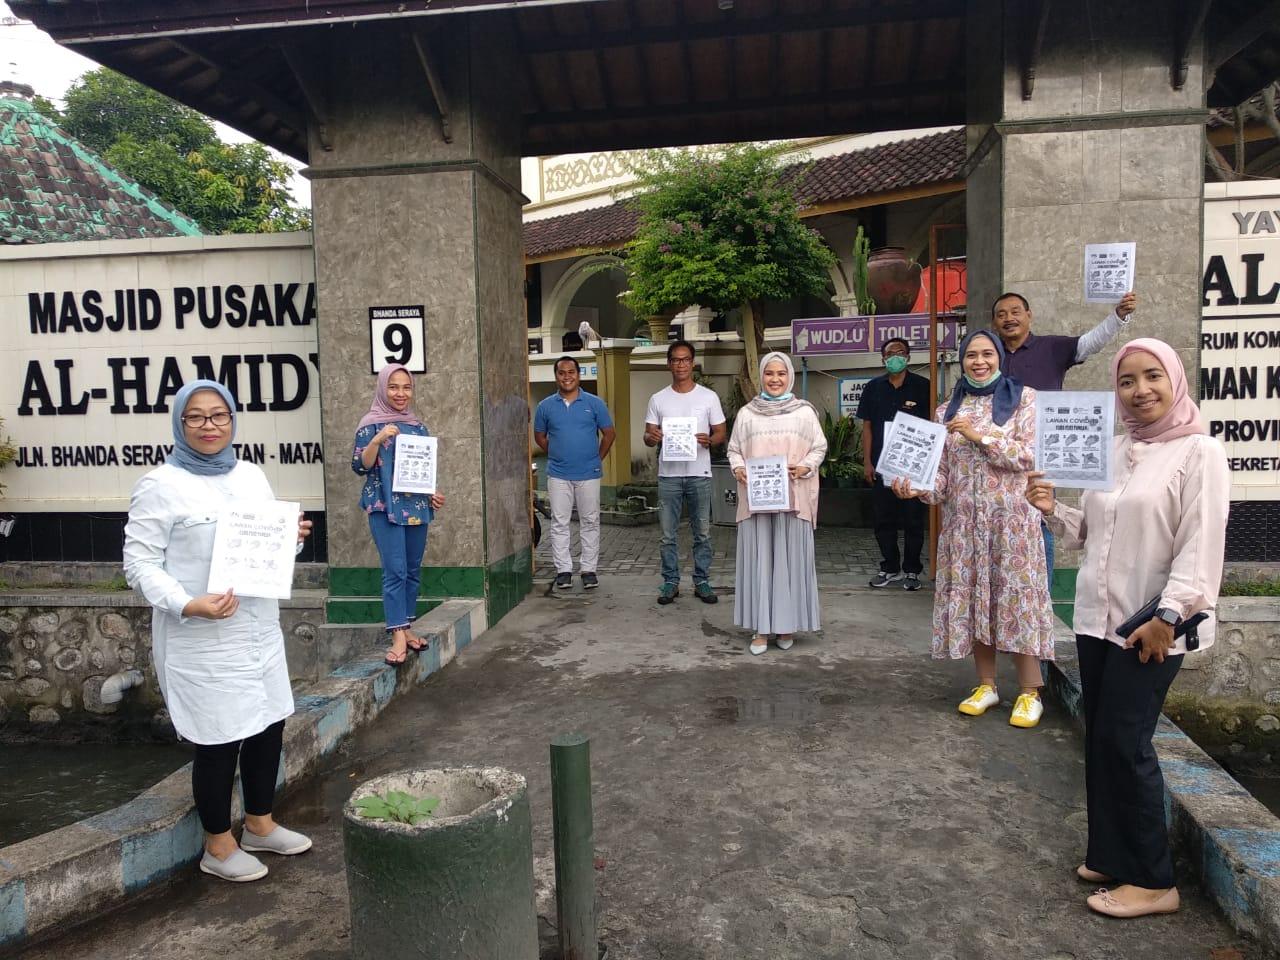 Lombok Post Sebar Ribuan Sabun di Masjid